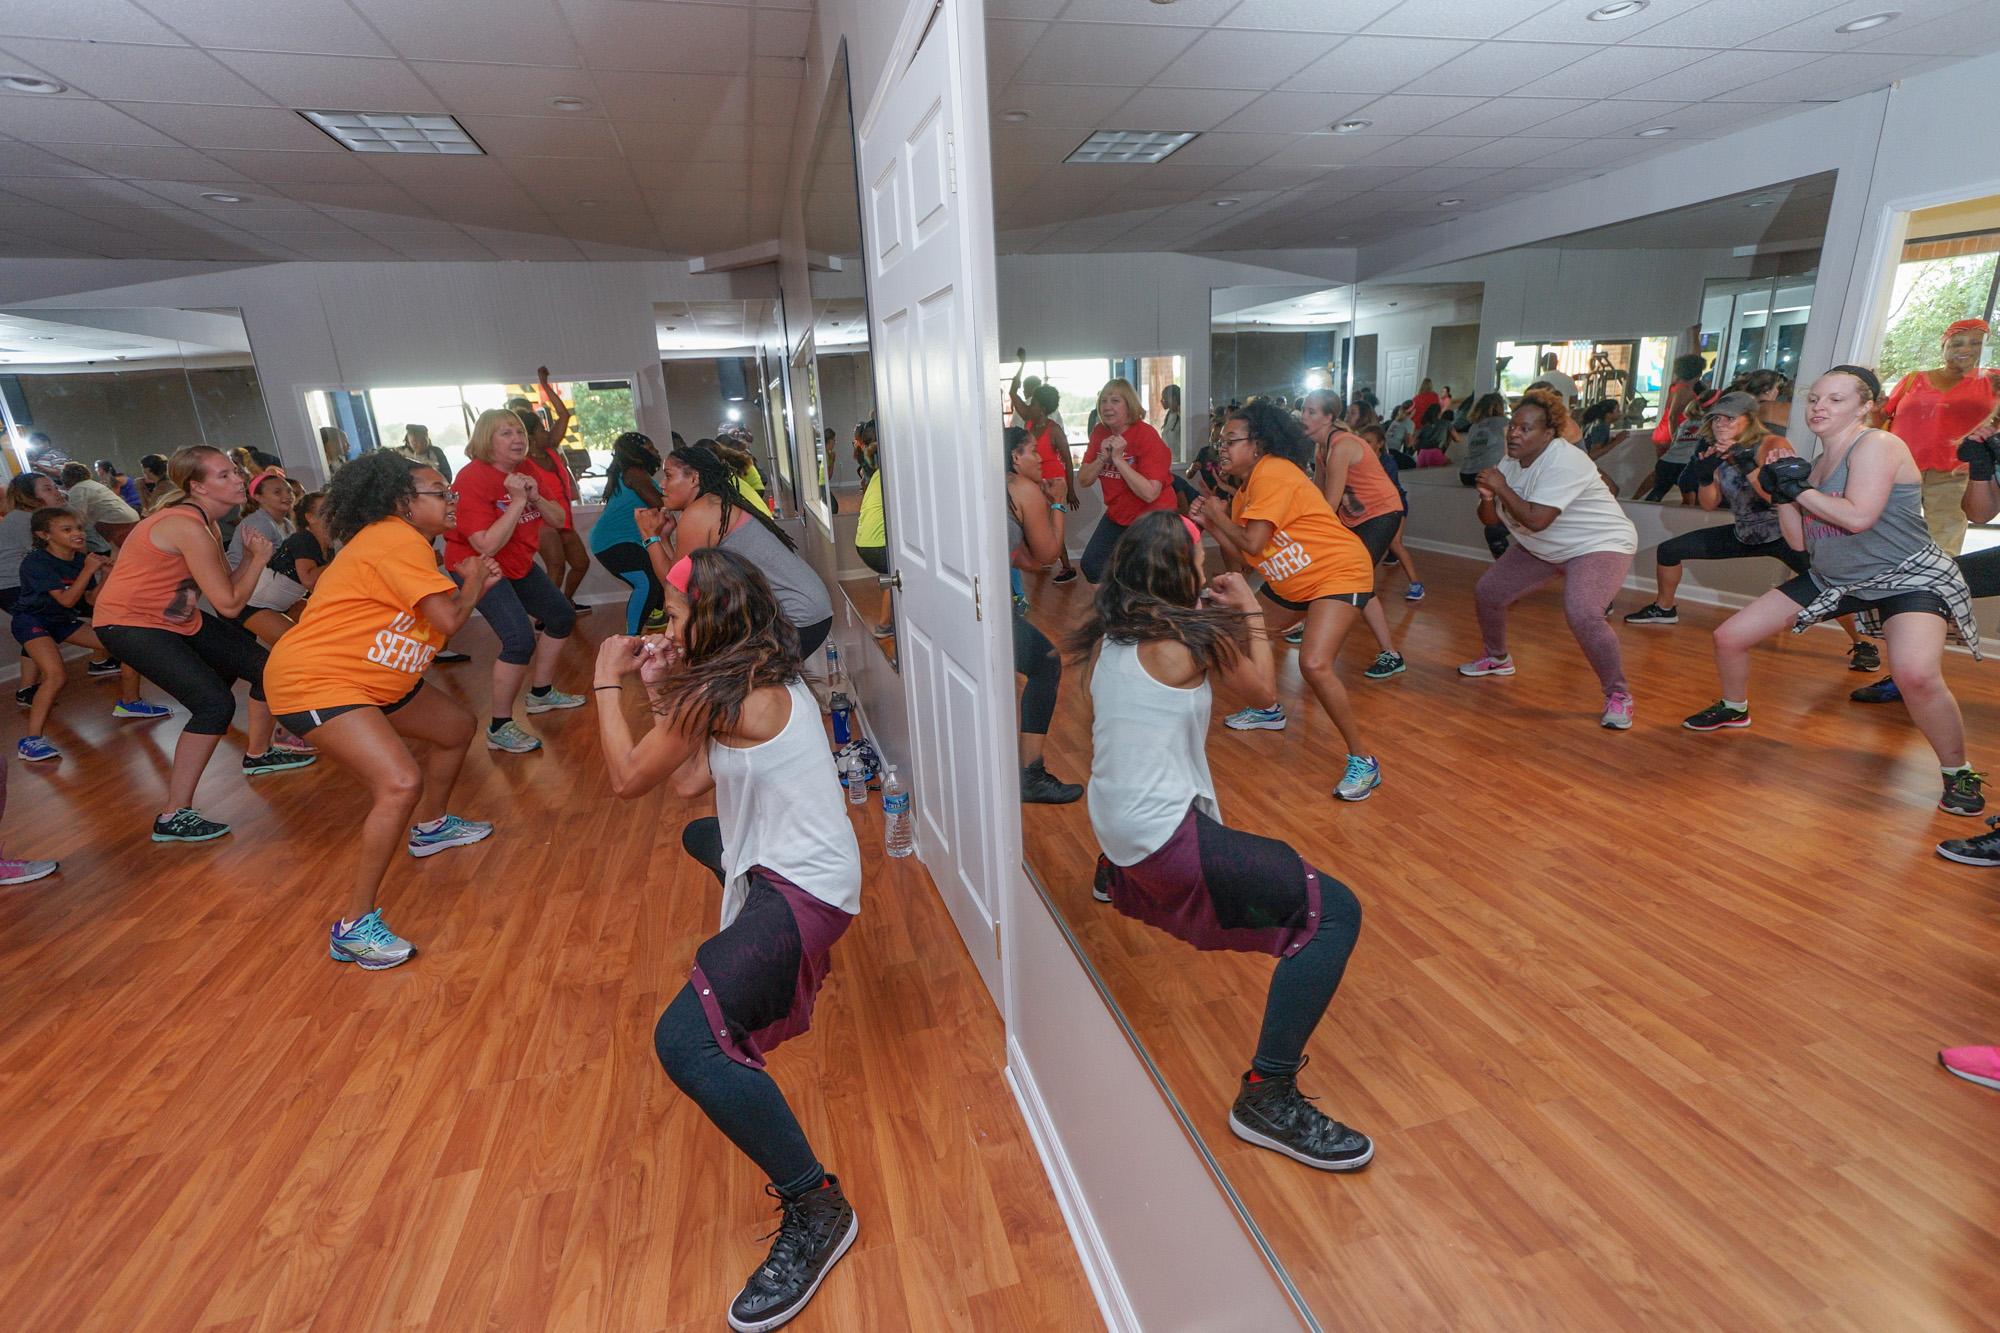 08-15-16 Max Fitness Bang-11